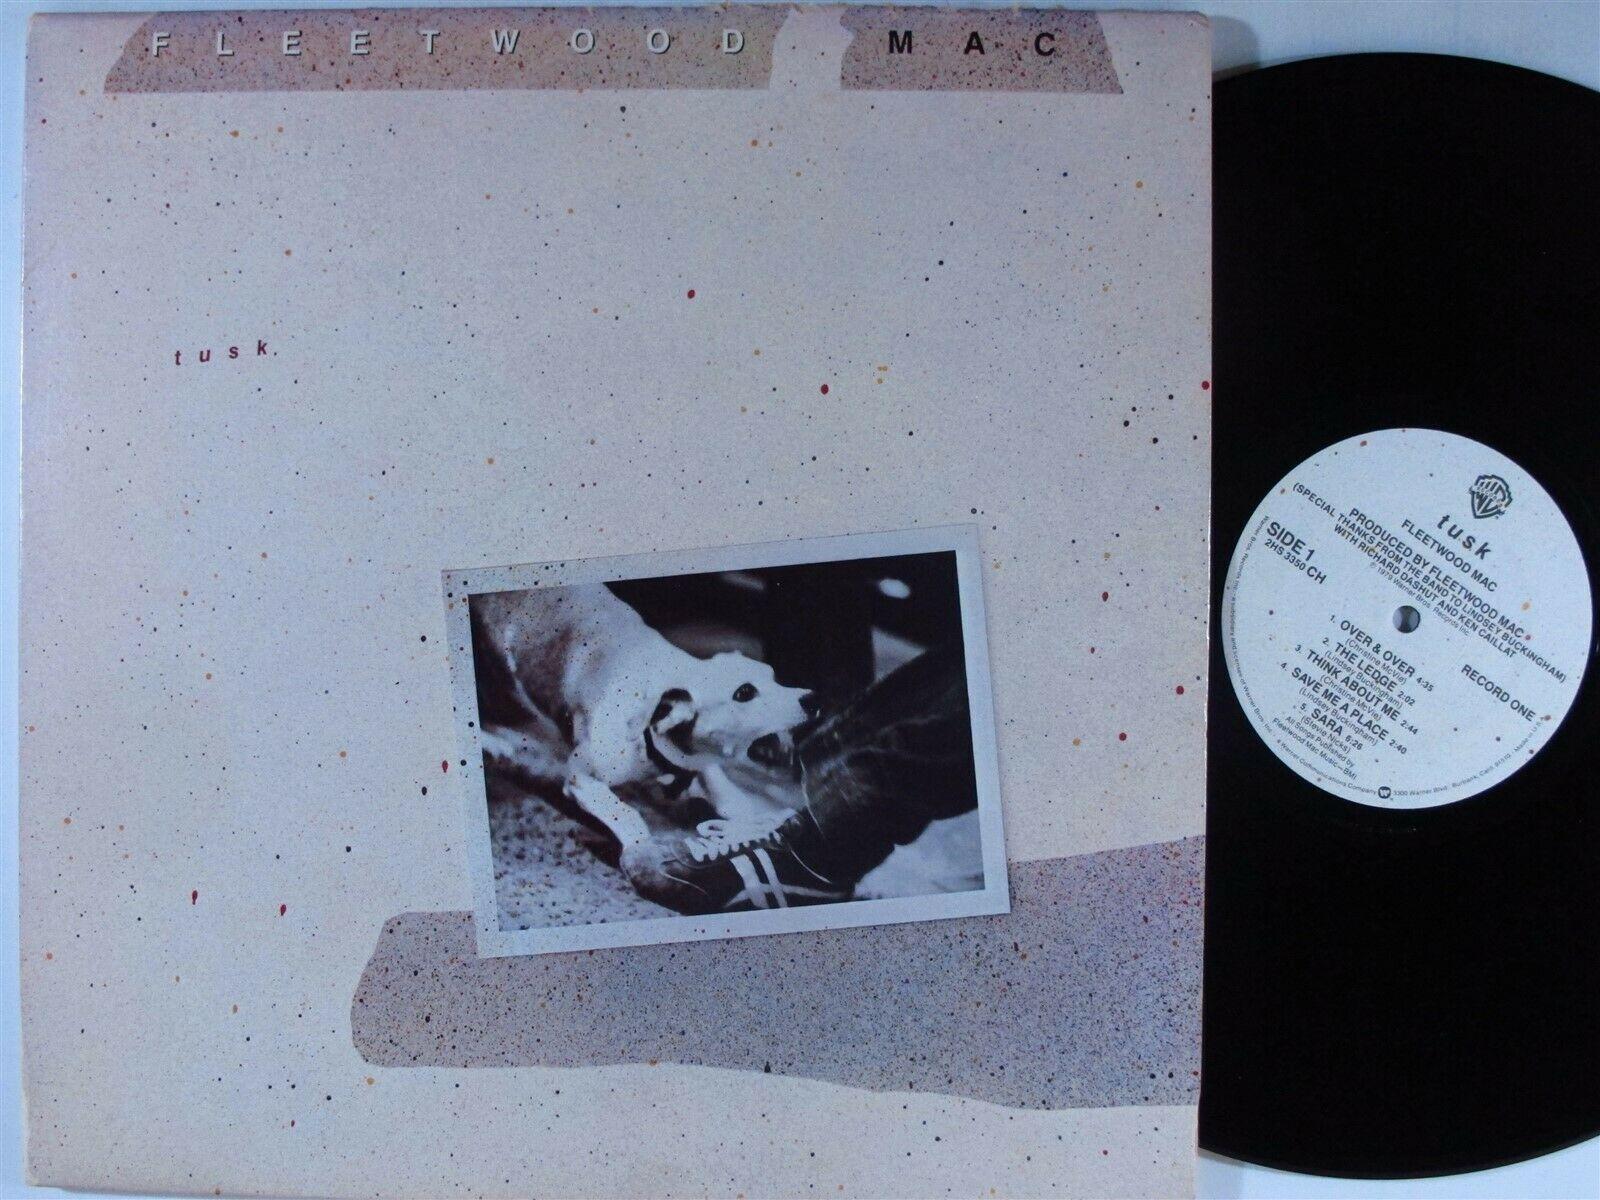 FLEETWOOD MAC Tusk WARNER BROS 2xLP VG+/VG++ embossed cover